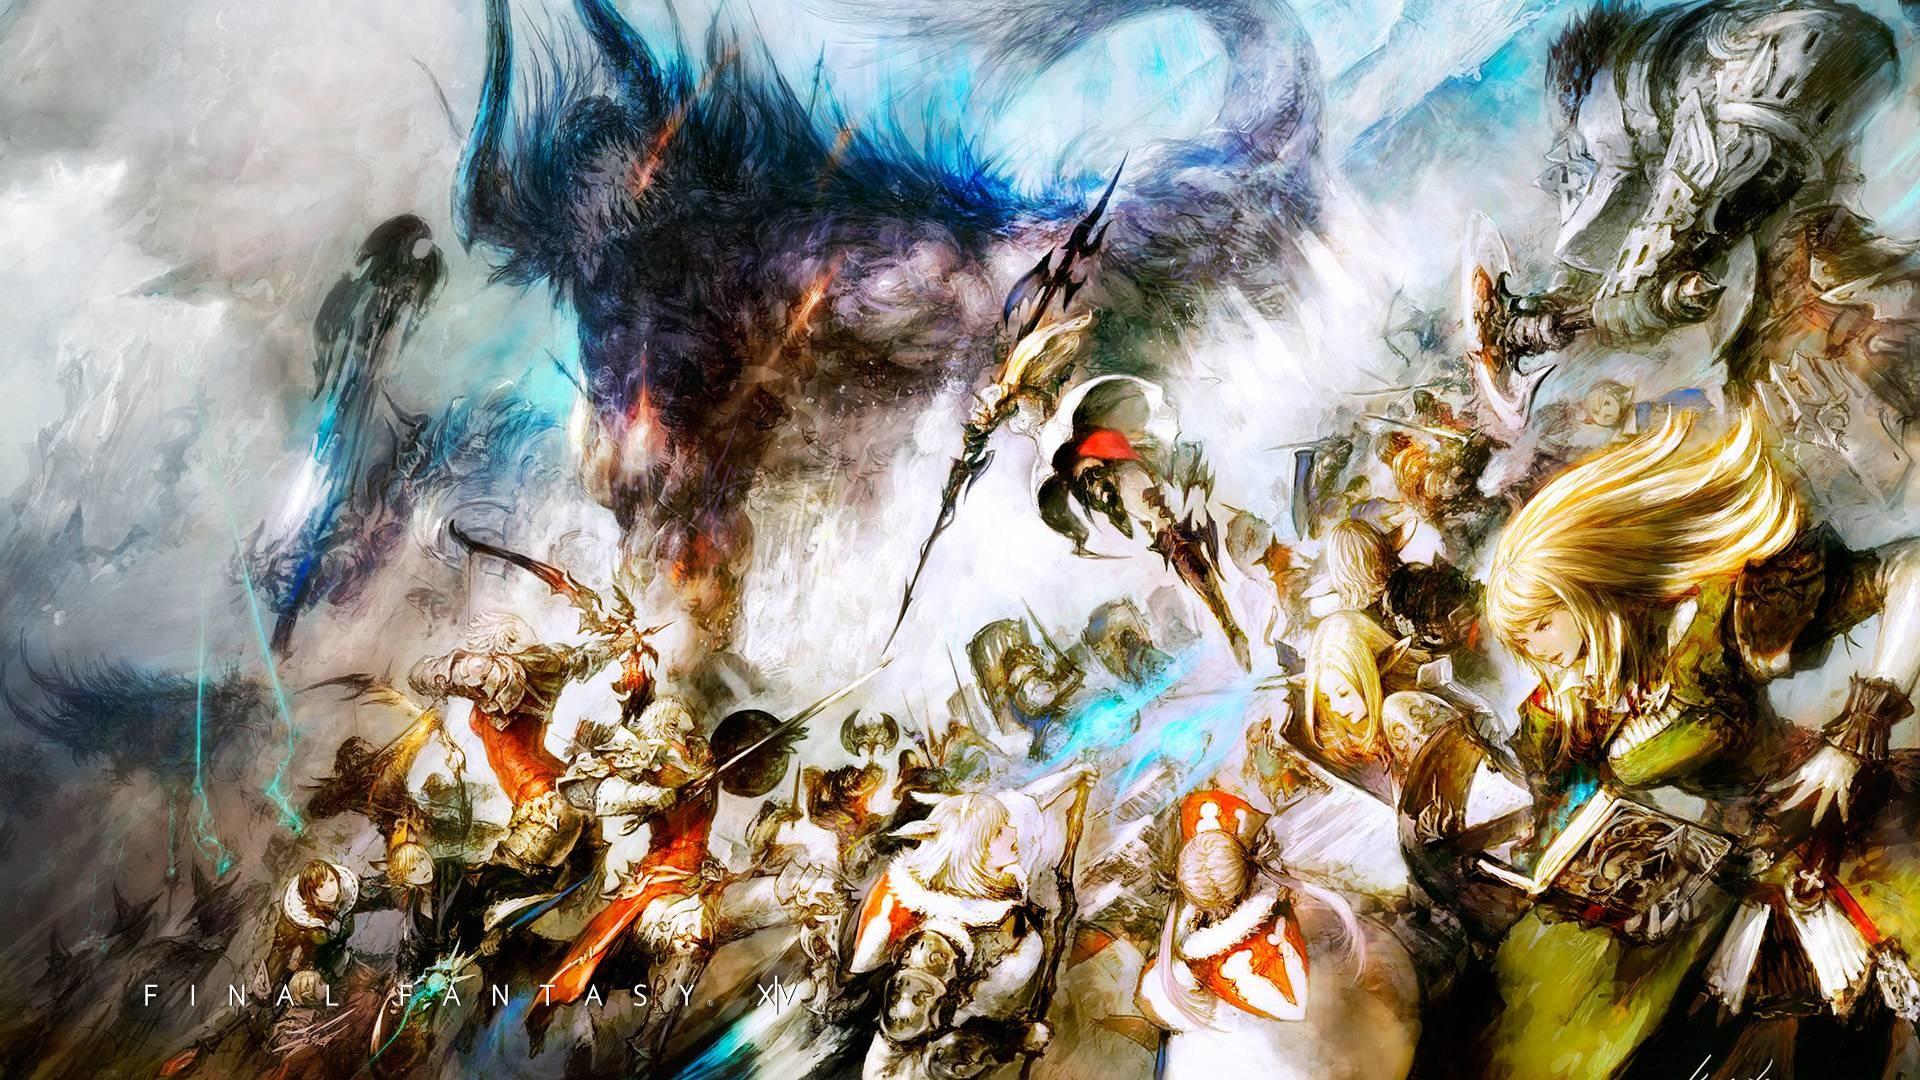 Res: 1920x1080, final fantasy 14 wallpaper widescreen final fantasy 14 wallpaper fj7n67j